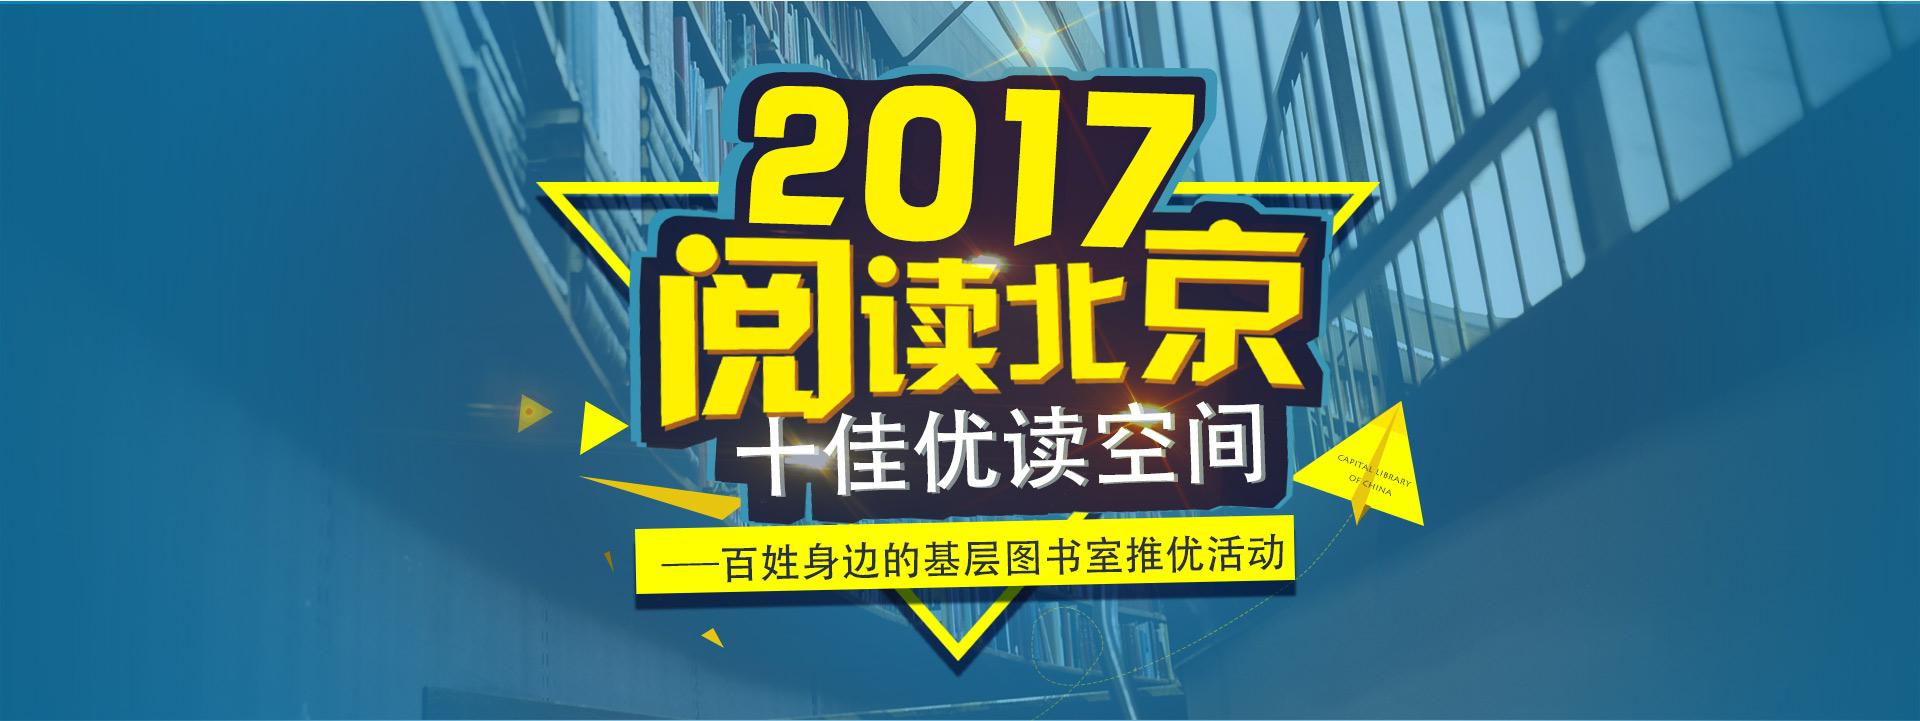 2017.'首页banner图'